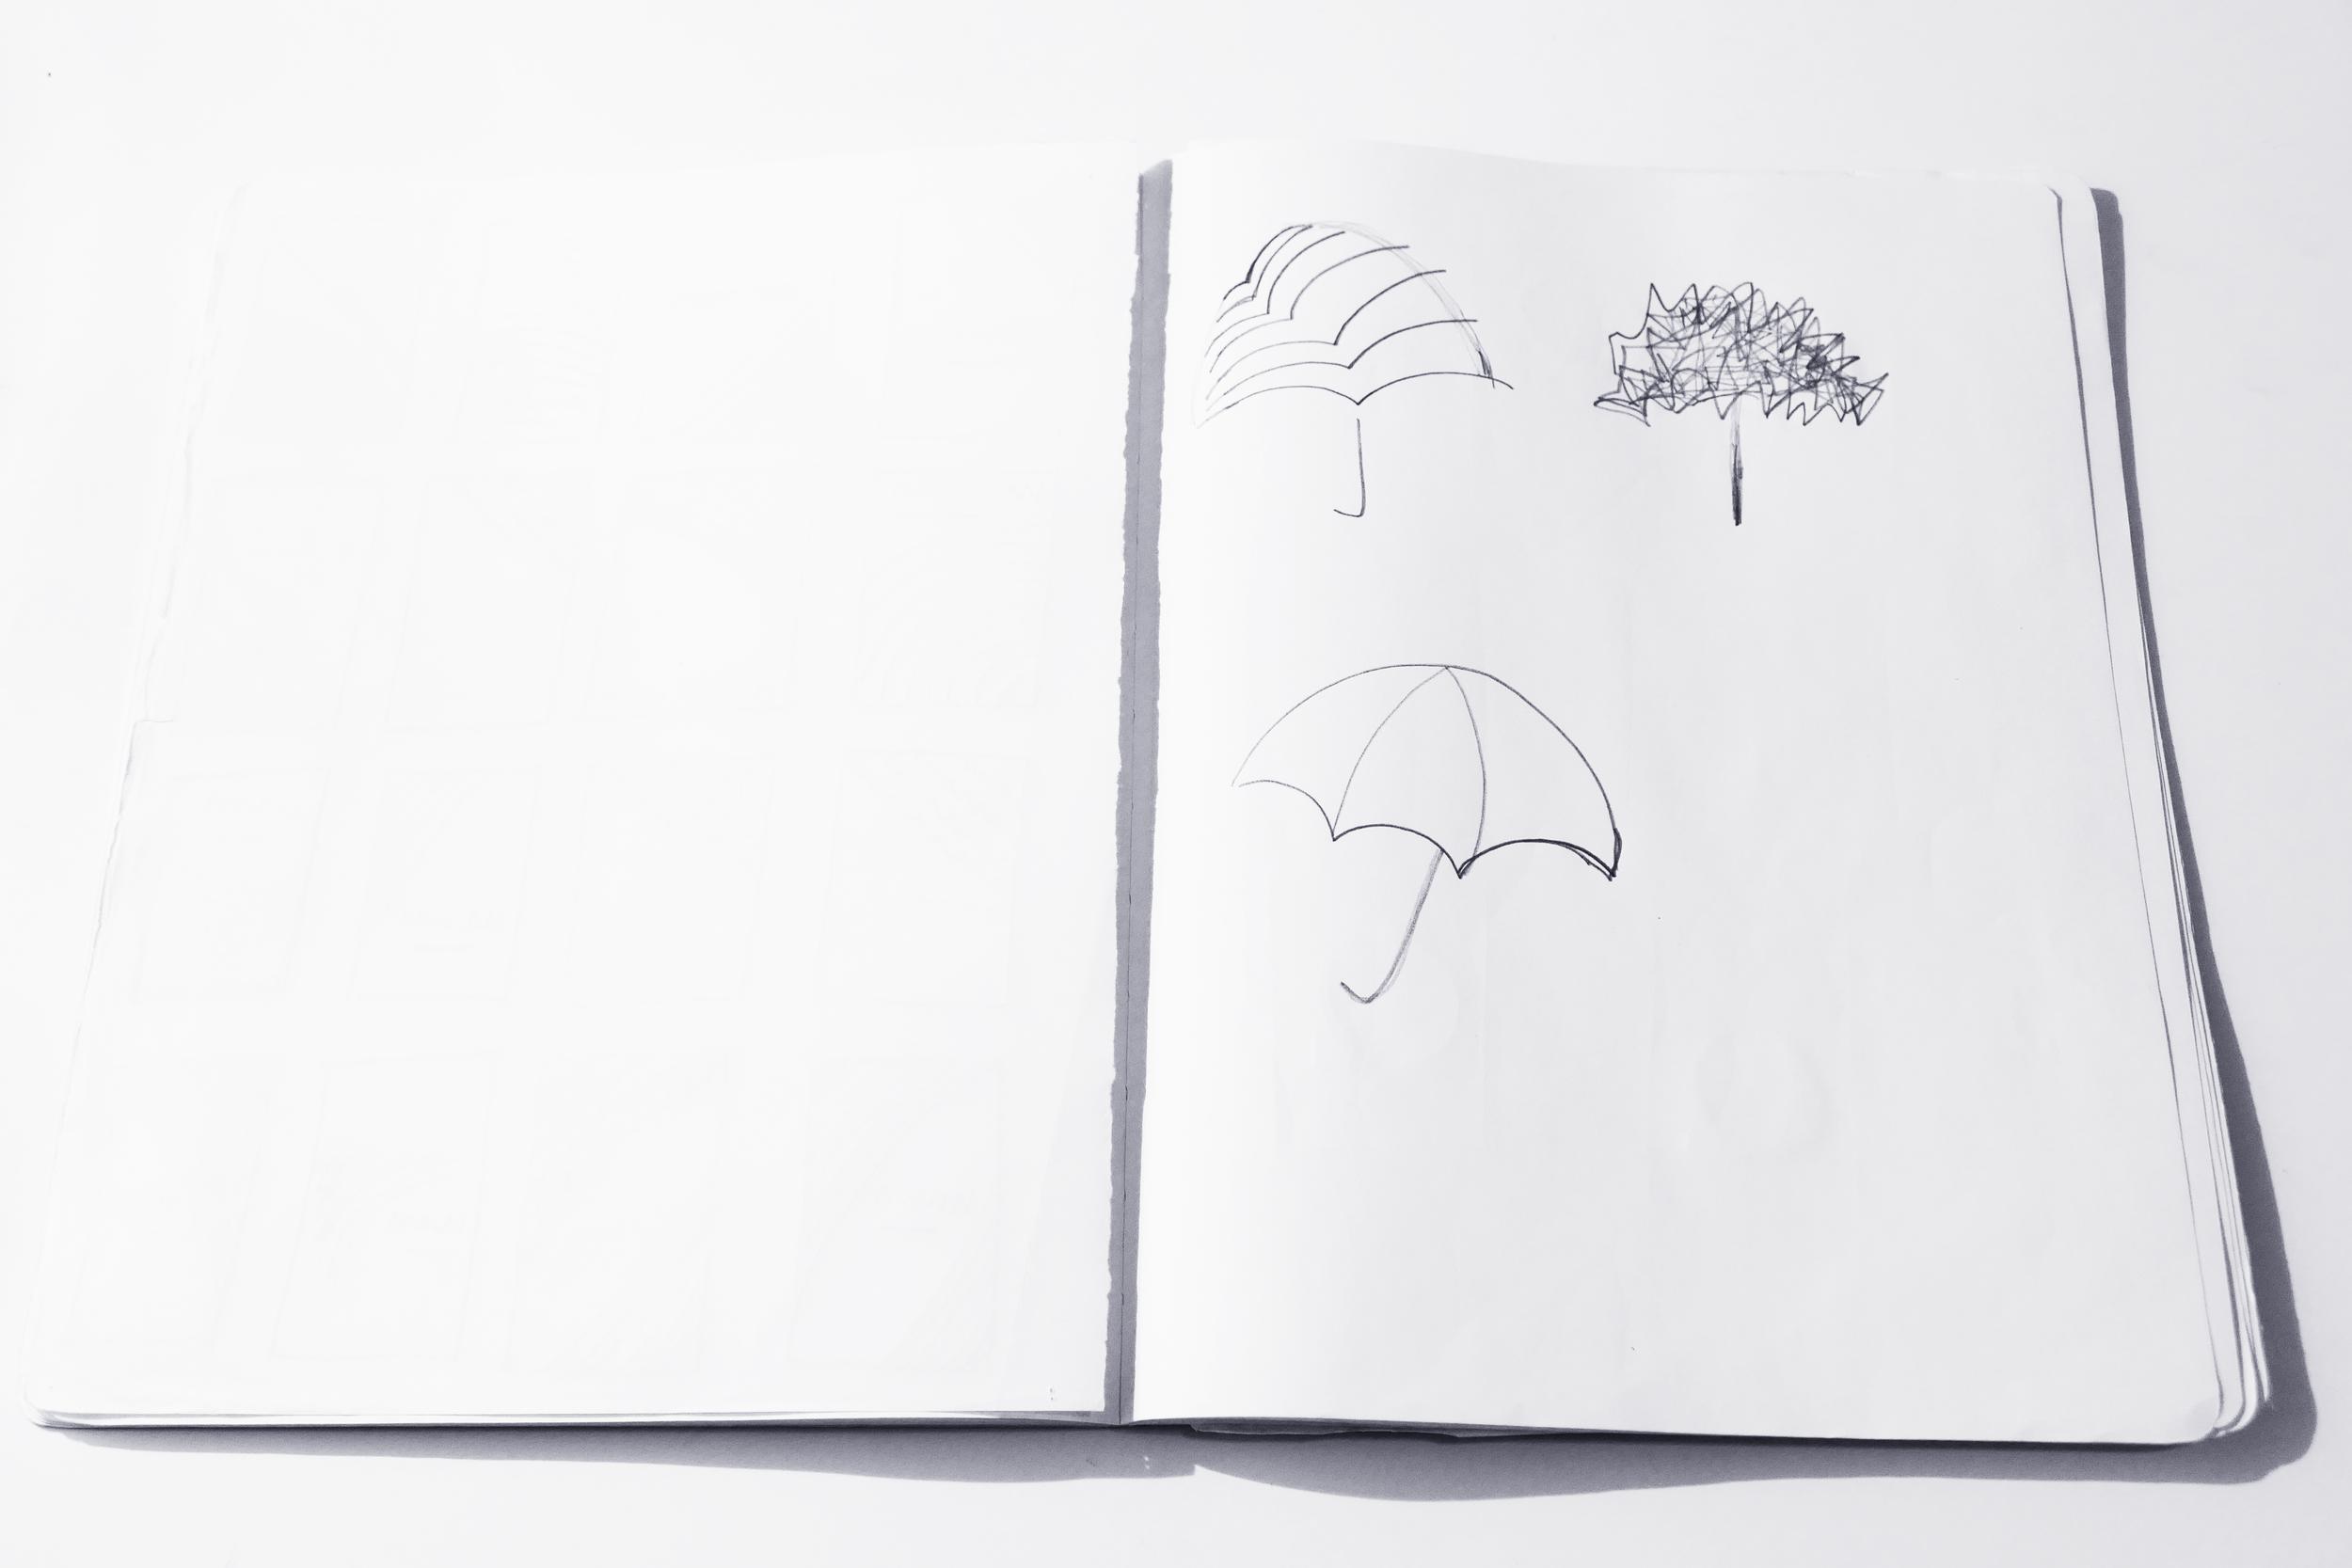 Umbrella_Sketches_4.png